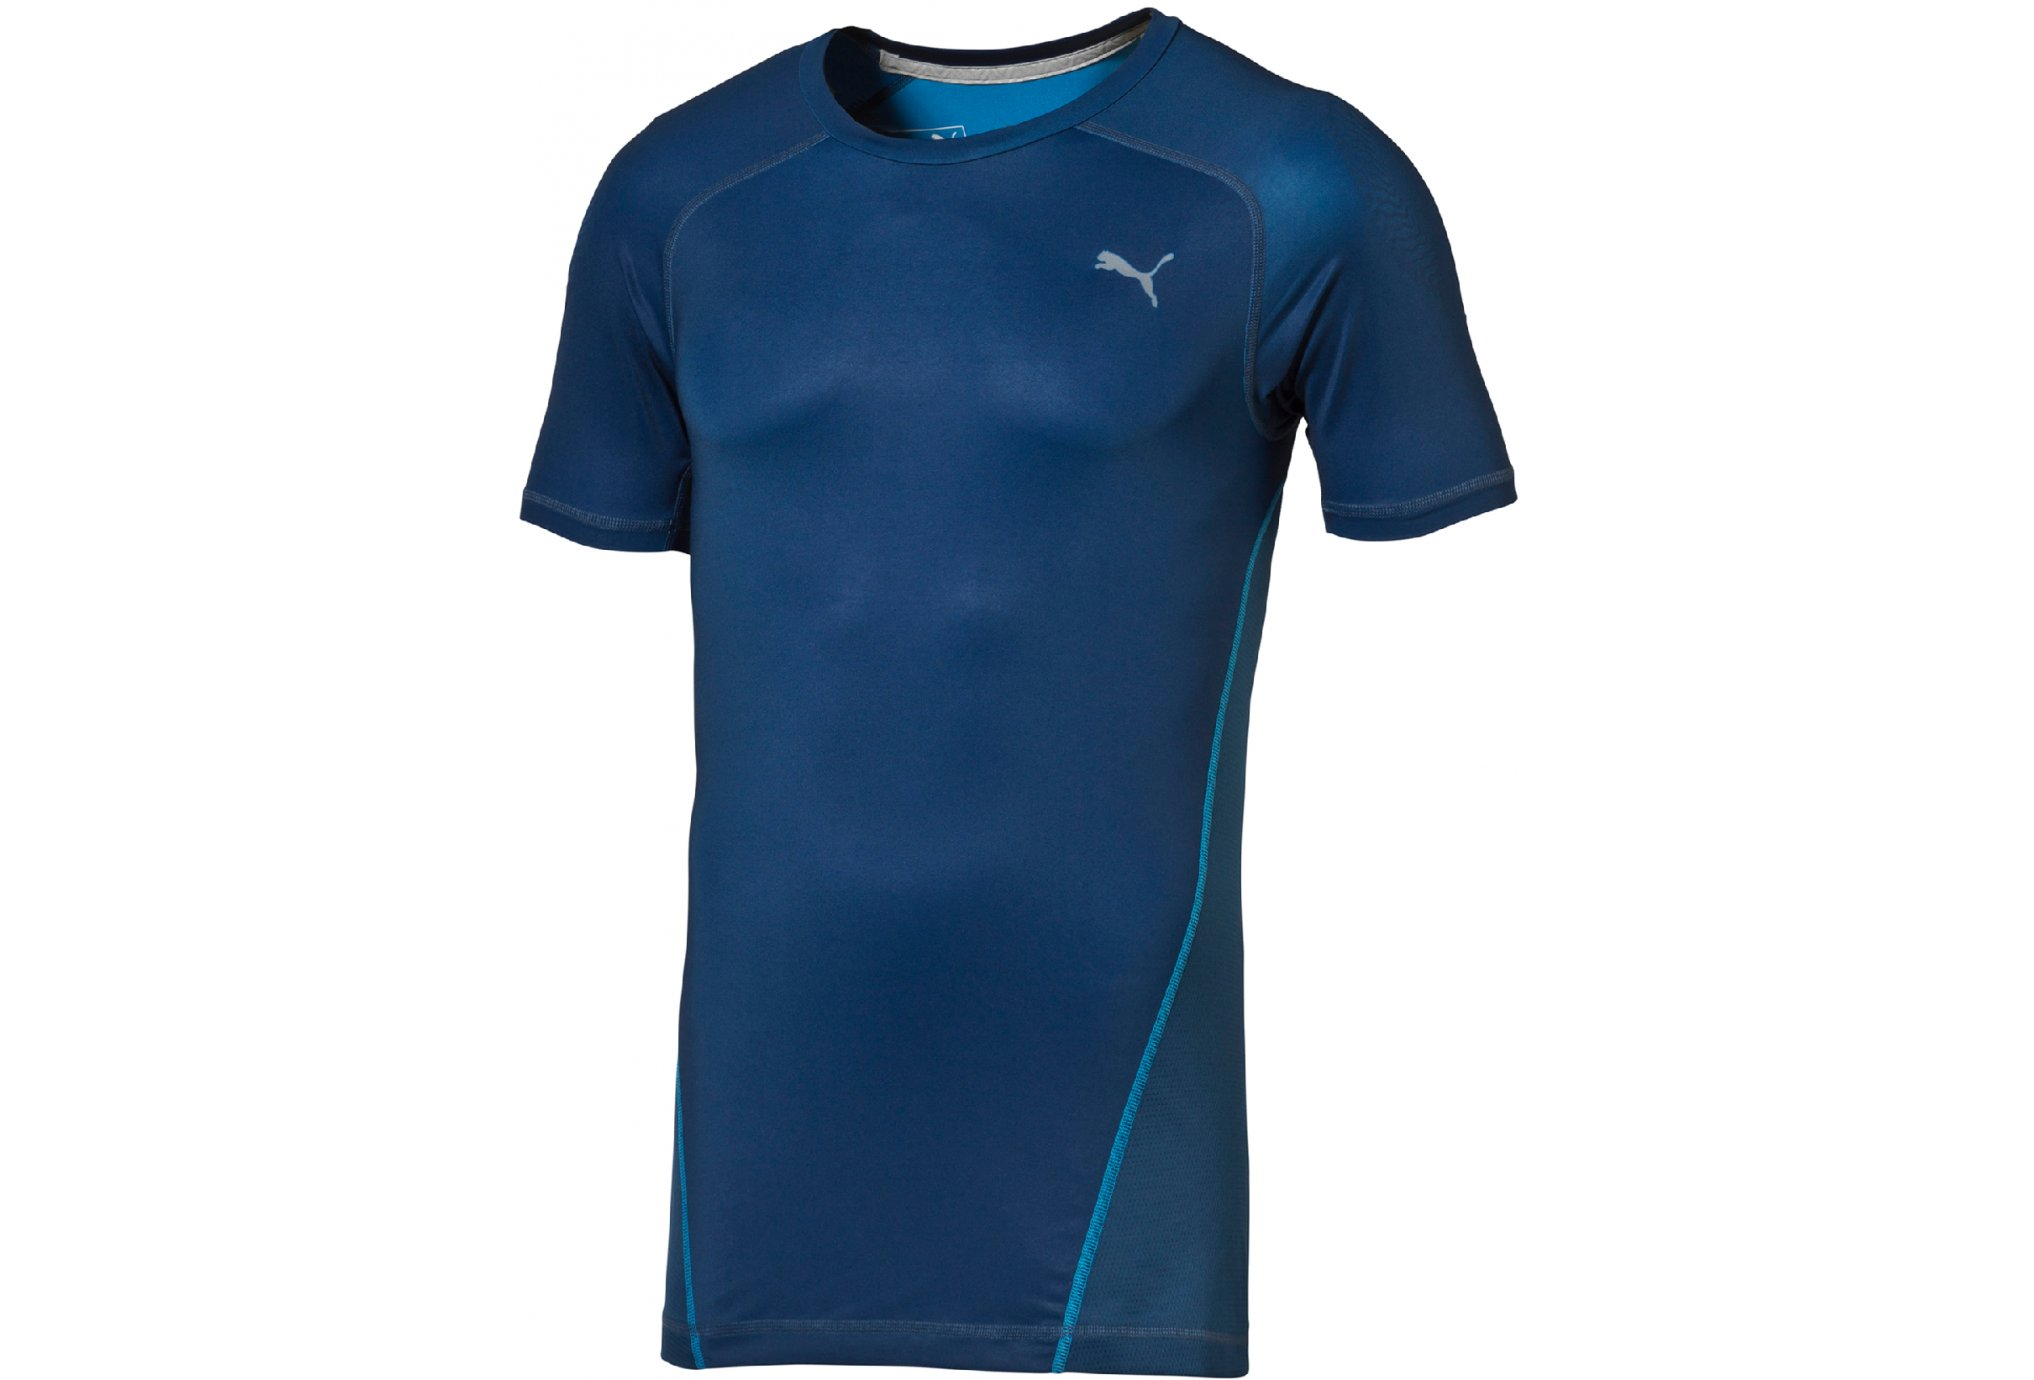 Puma Tee-shirt ACTV Power M Diététique Vêtements homme